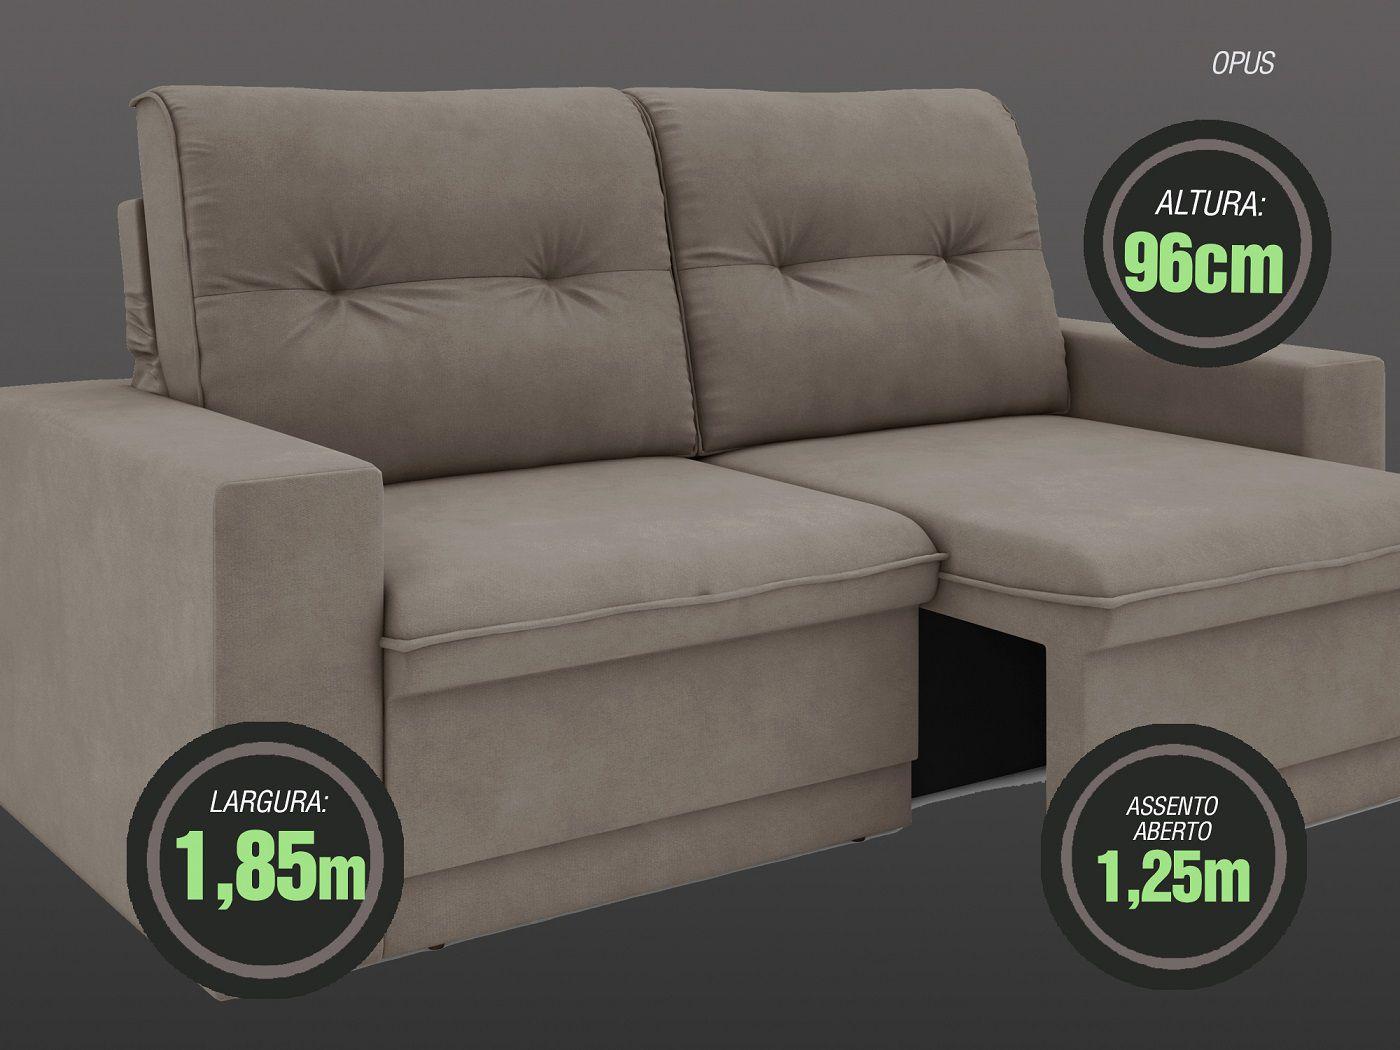 Sofá 3 Lugares Net Opus Assento Retrátil e Reclinável Bege 1,85m (L)